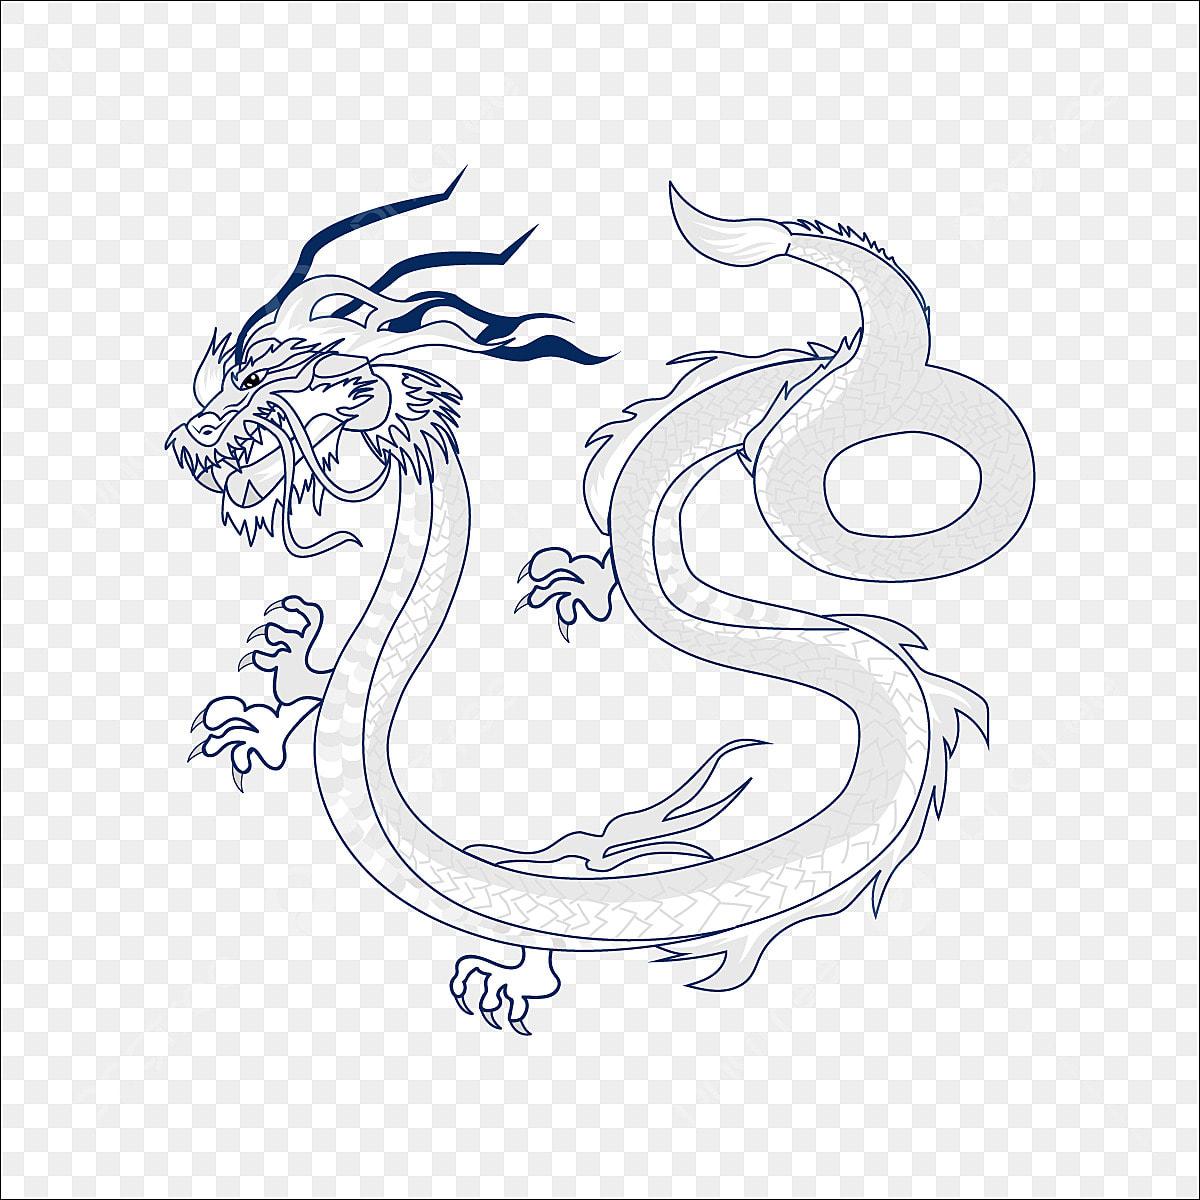 Ligne De Dessin Dragon Chinois La Ligne Des Icones Dessin D Icones Icones De Dragon Fichier Png Et Psd Pour Le Telechargement Libre